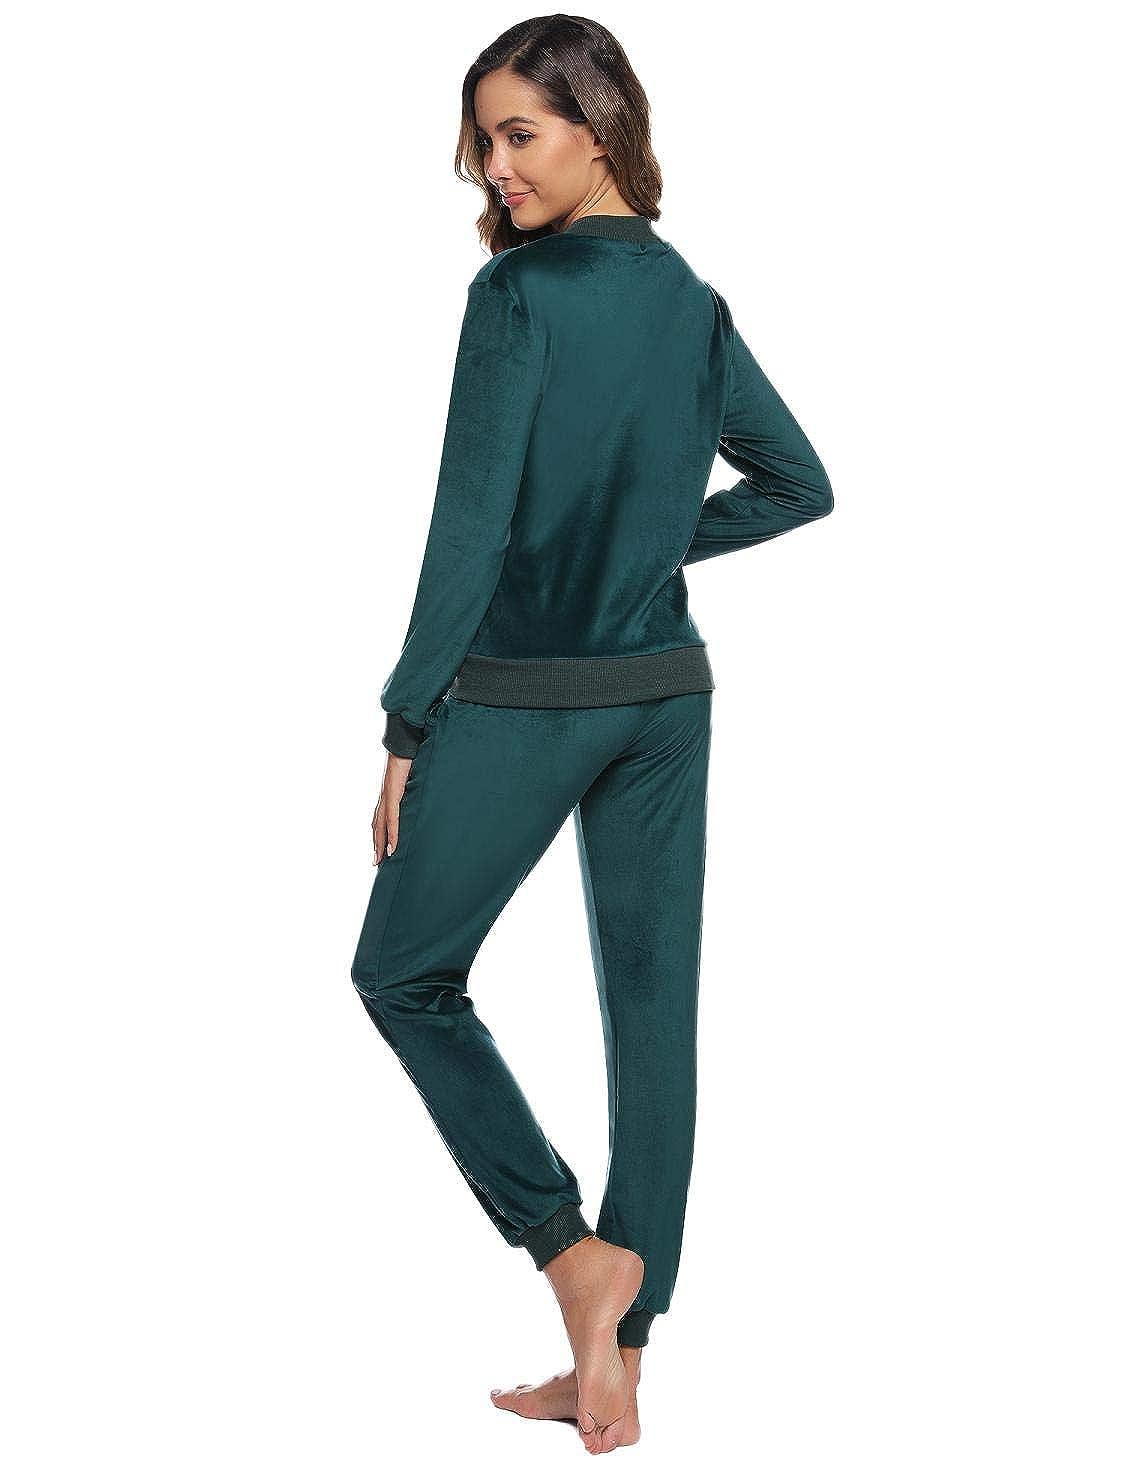 Akalnny Hausanzug Damen Freizeitanzug Samt Velours Schlafanzug Pyjama Bequemer Lose Fit Jacke Zweiteiliger Schlafanzug mit Rei/ßverschluss S-XXL